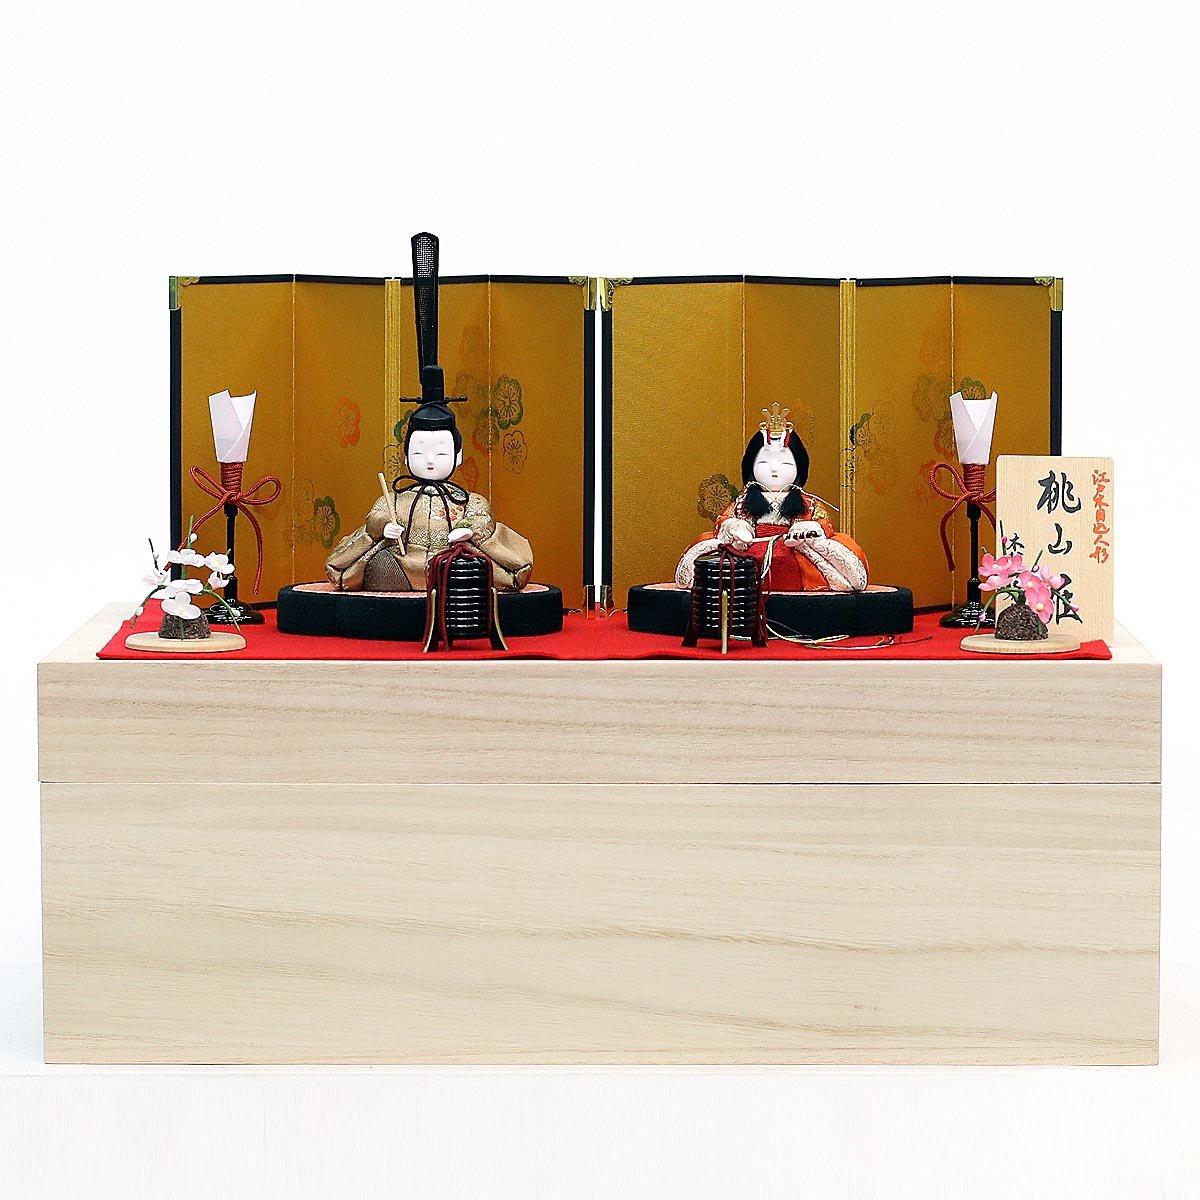 雛人形 一秀 桃山雛 2号 親王 毛せん桐箱 収納飾り HNIS-KSH-H-10 木目込み ひな人形 コンパクト   B078K8S6RK